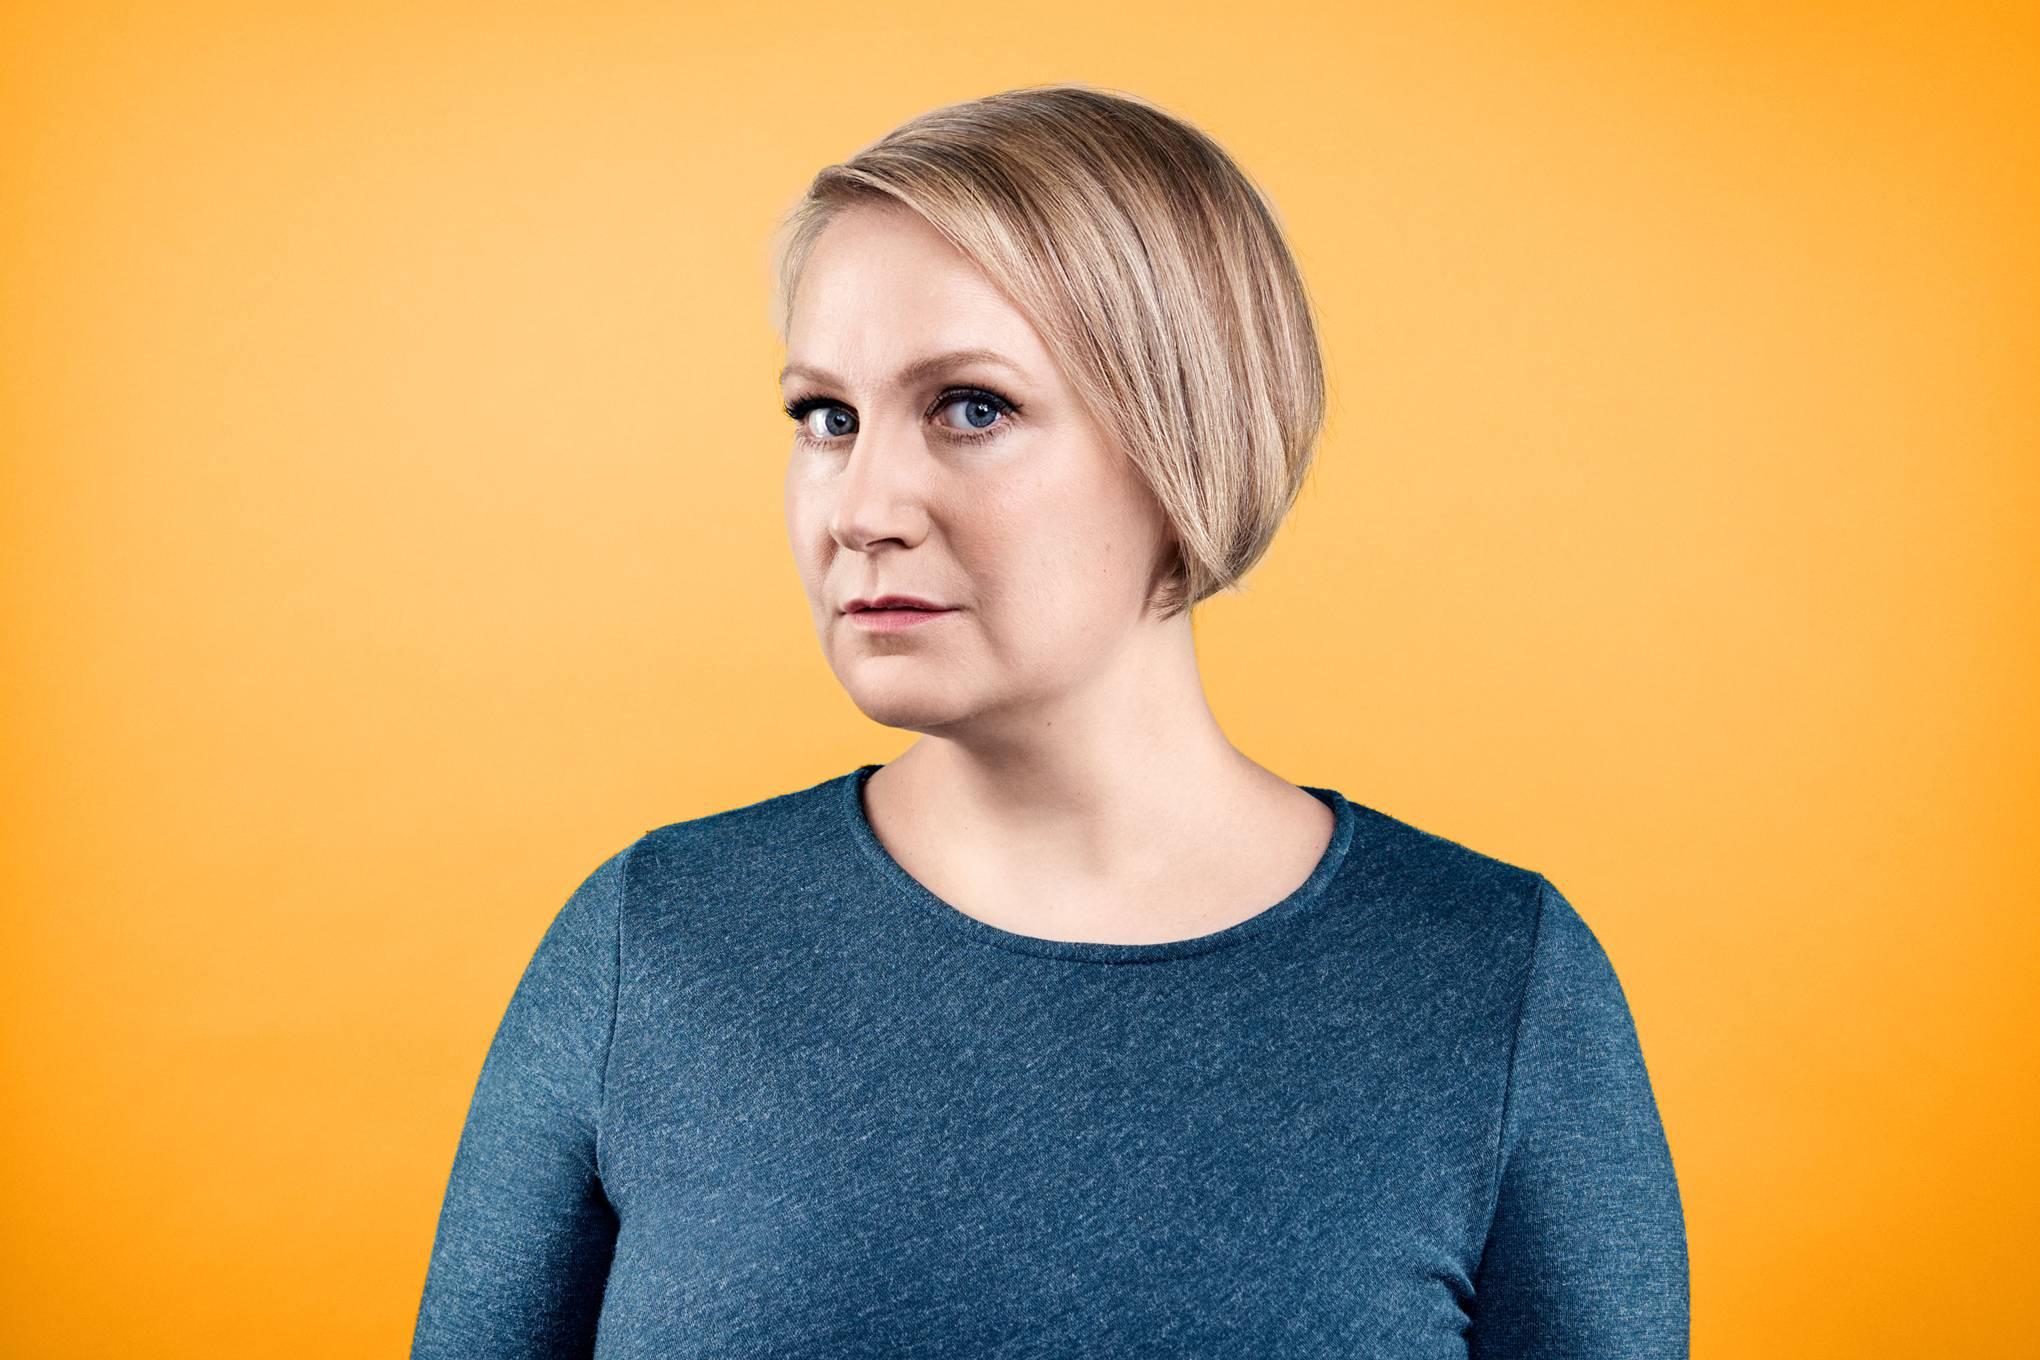 Elizabeth Varley Founder & CEO of TechHub